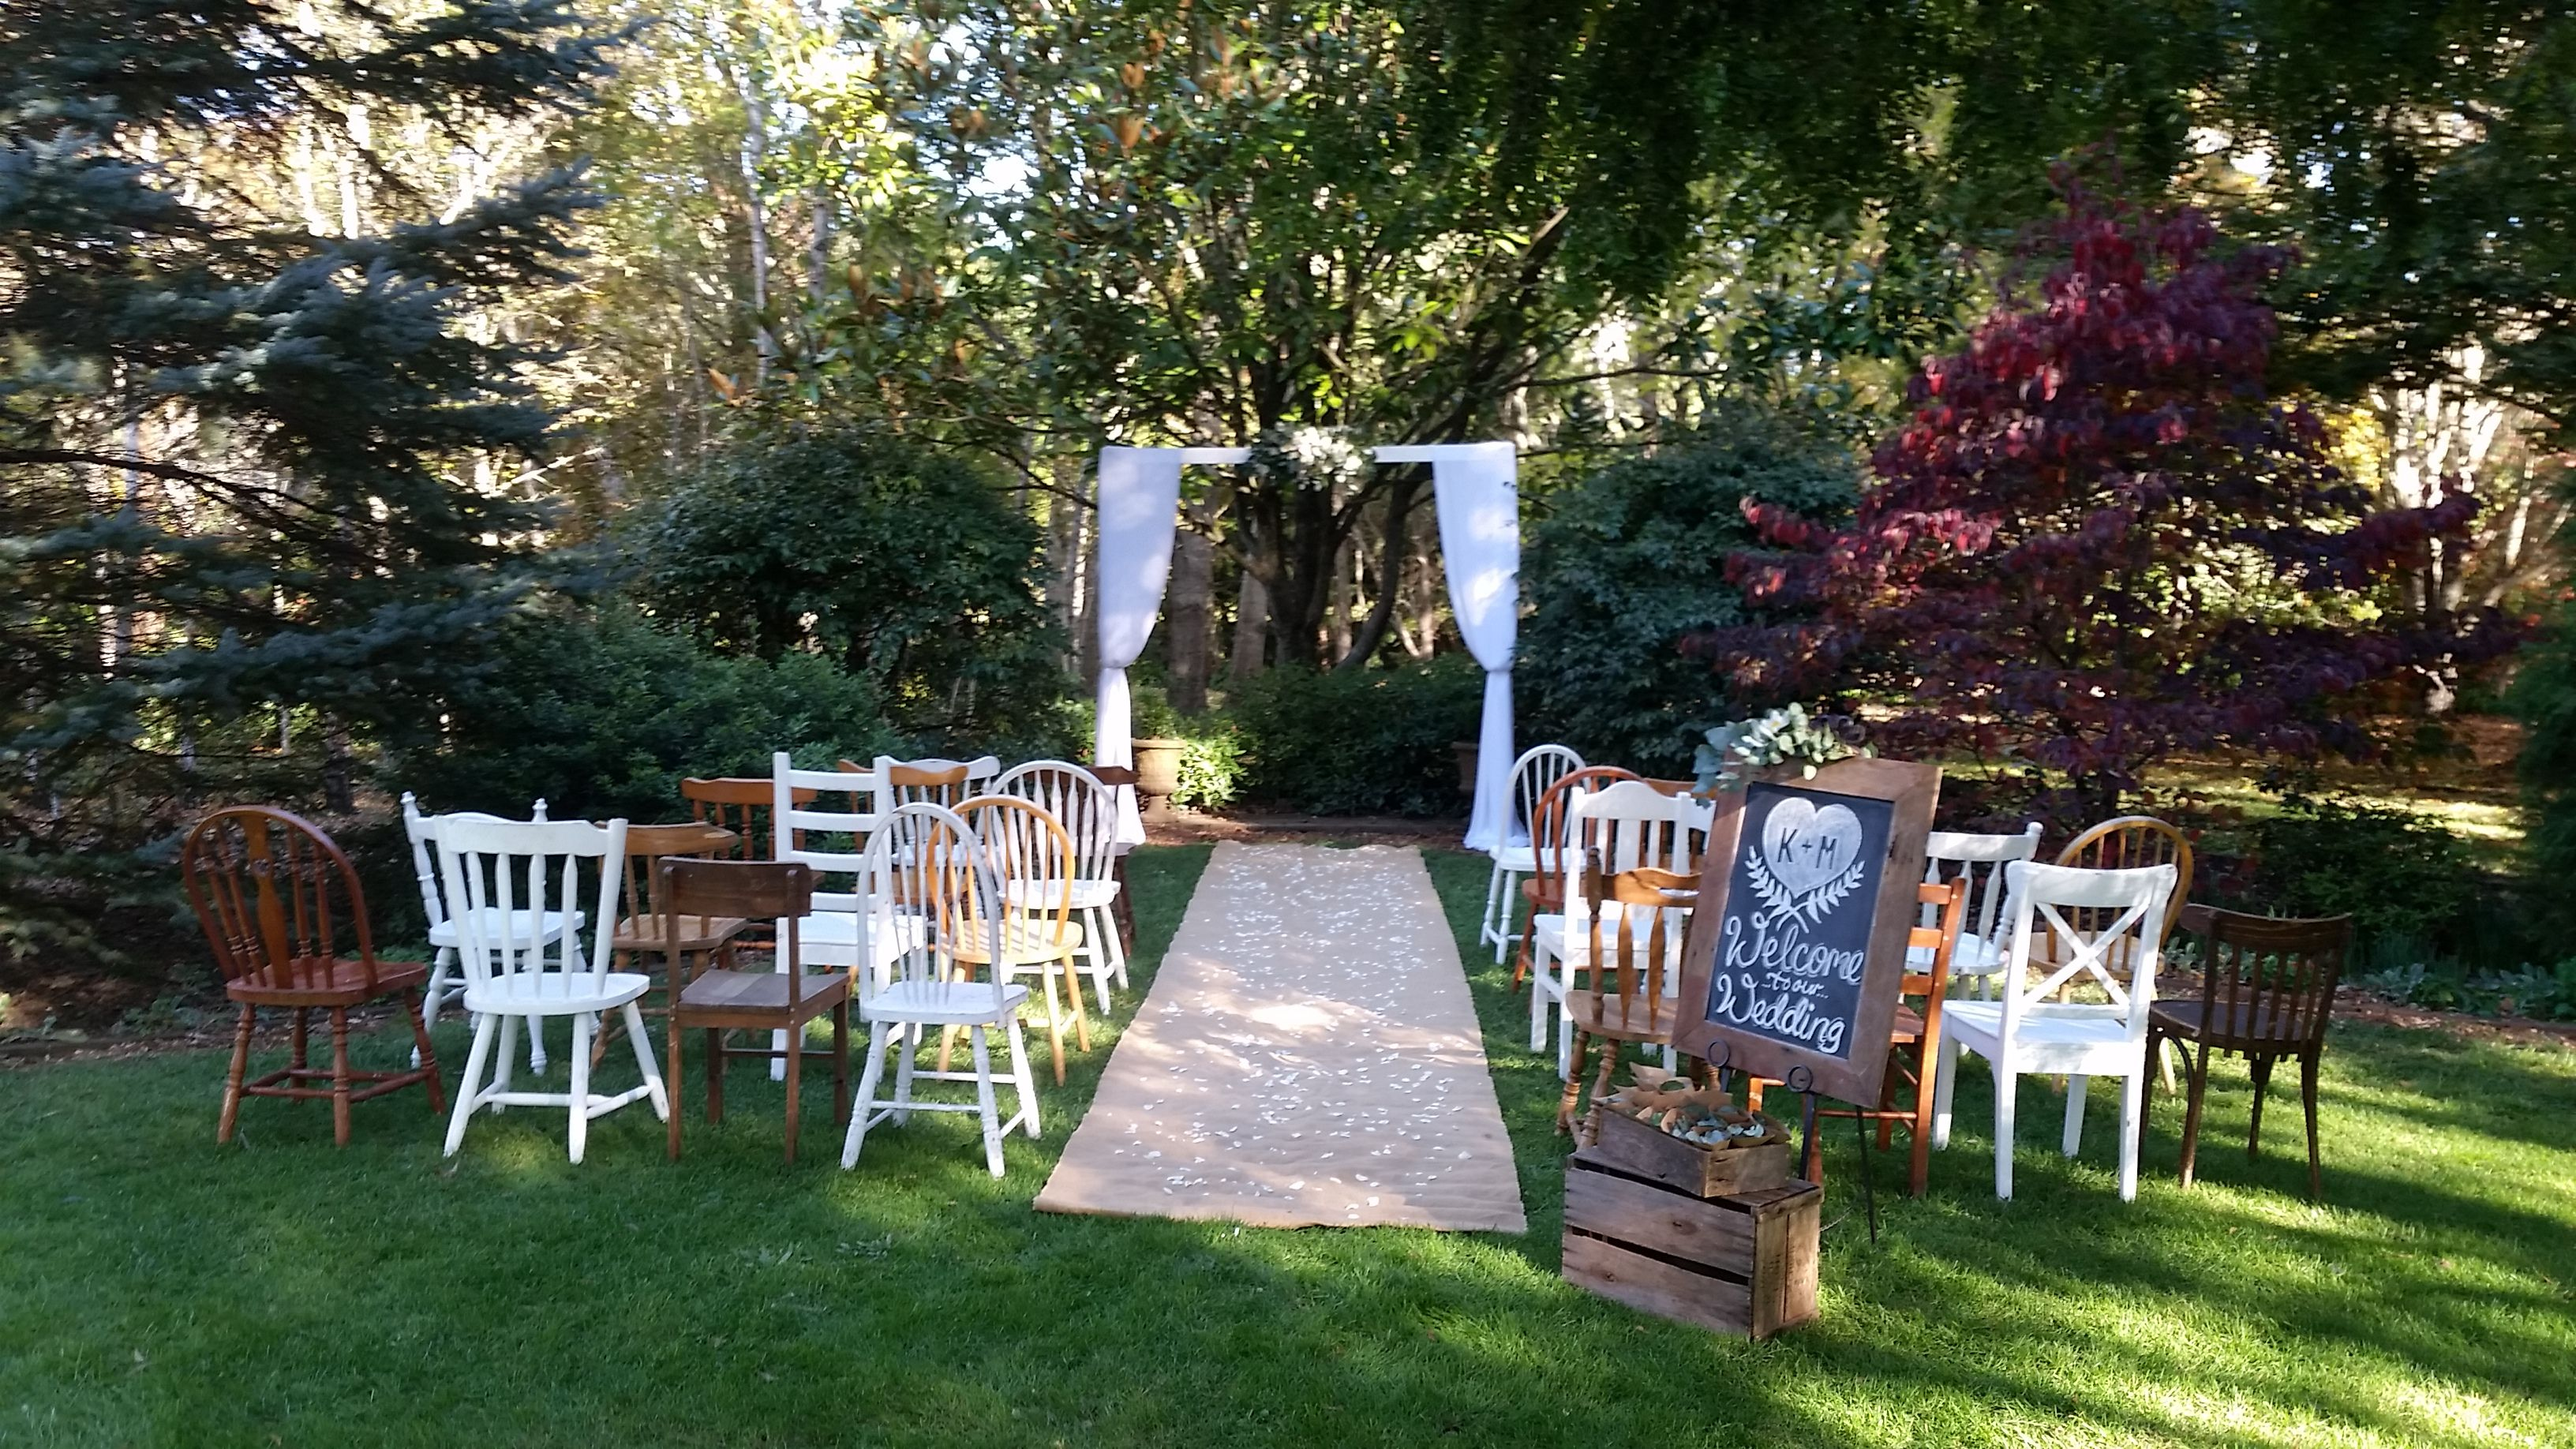 The secret garden southern highlands open garden wedding garden venue reception ceremony bowral wildes meadow burrawang